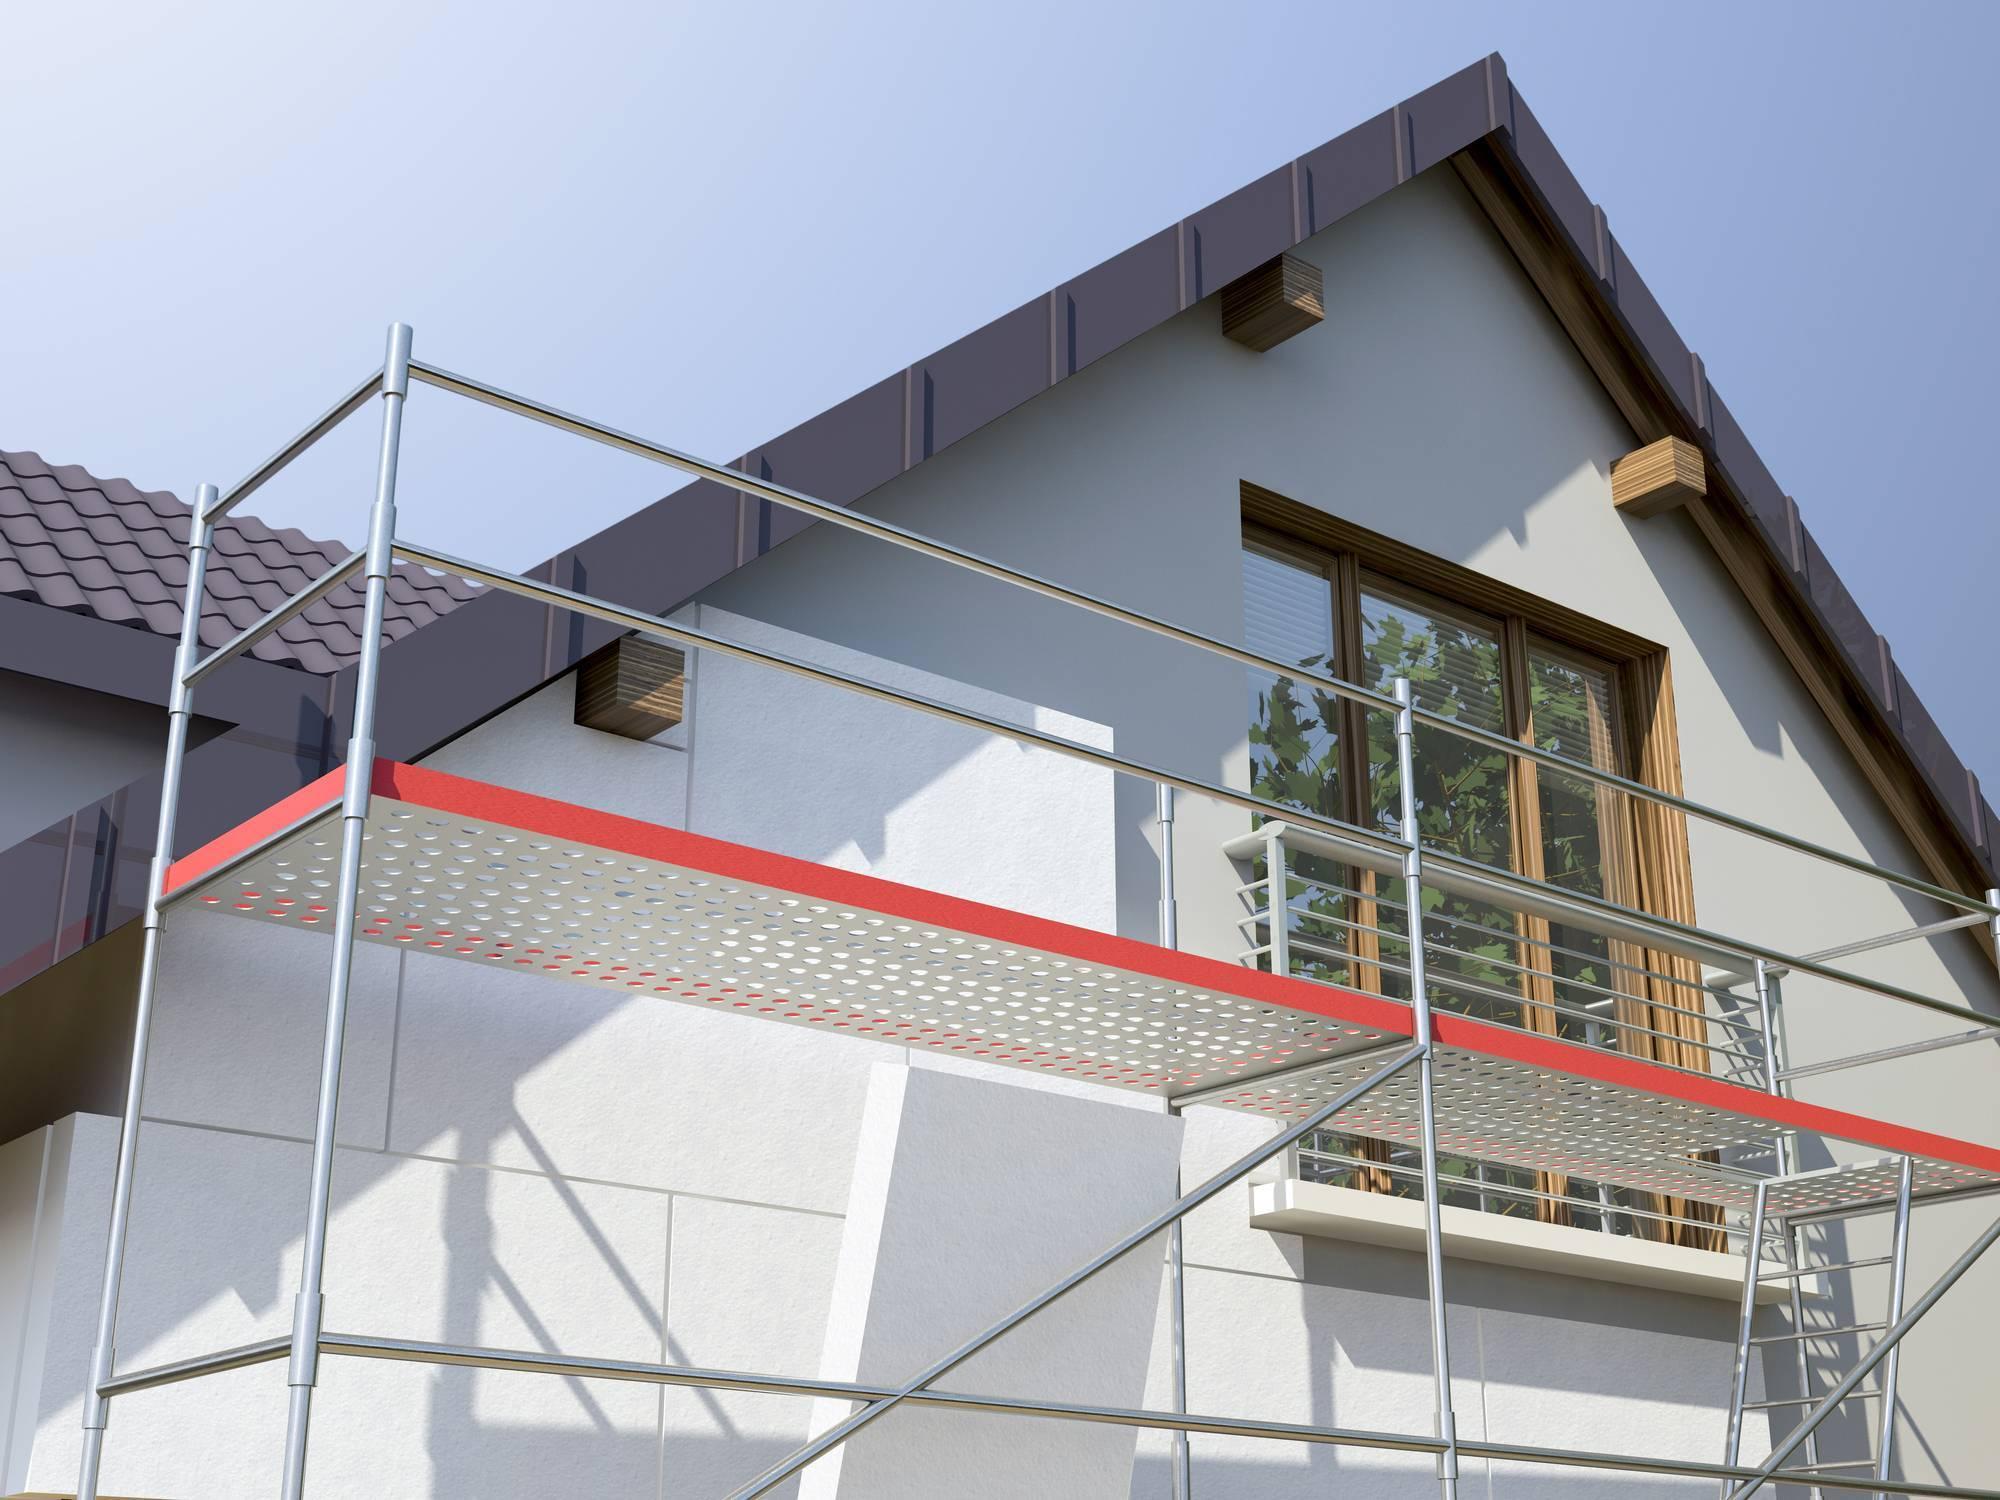 rénovation travaux maison assurance BTP décennale